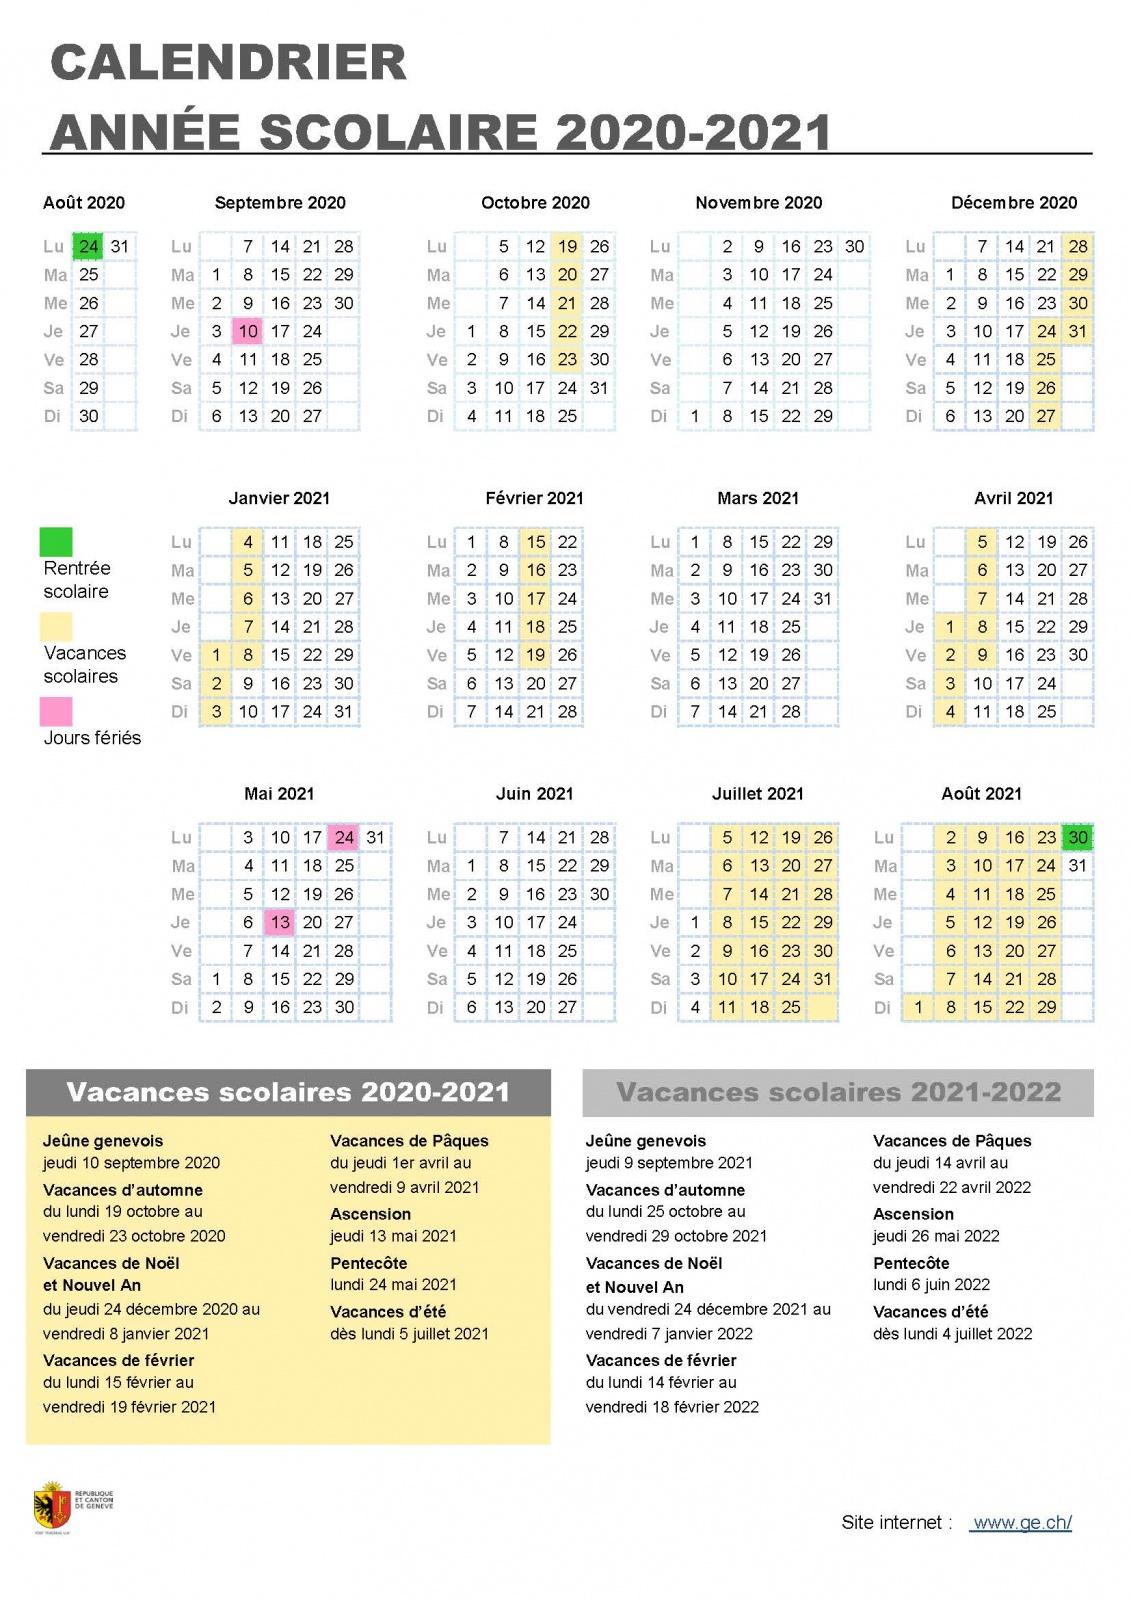 Vacances scolaires 2020 2021 | ge.ch